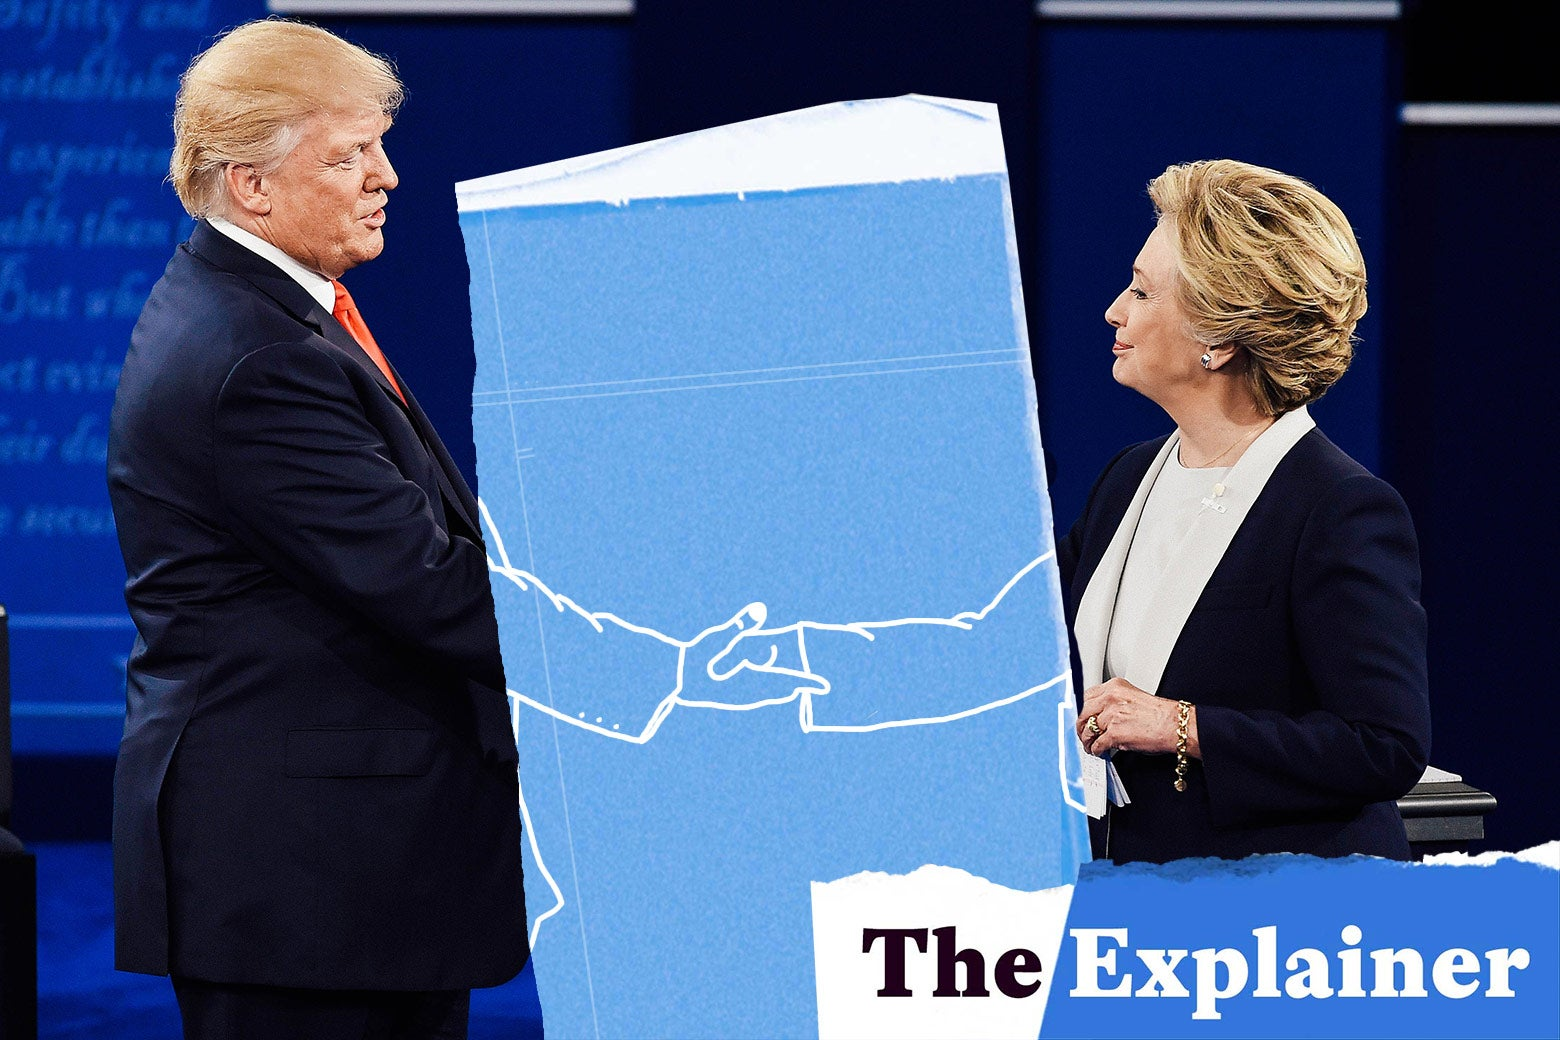 Donald Trump and Hillary Clinton shake hands at a debate.